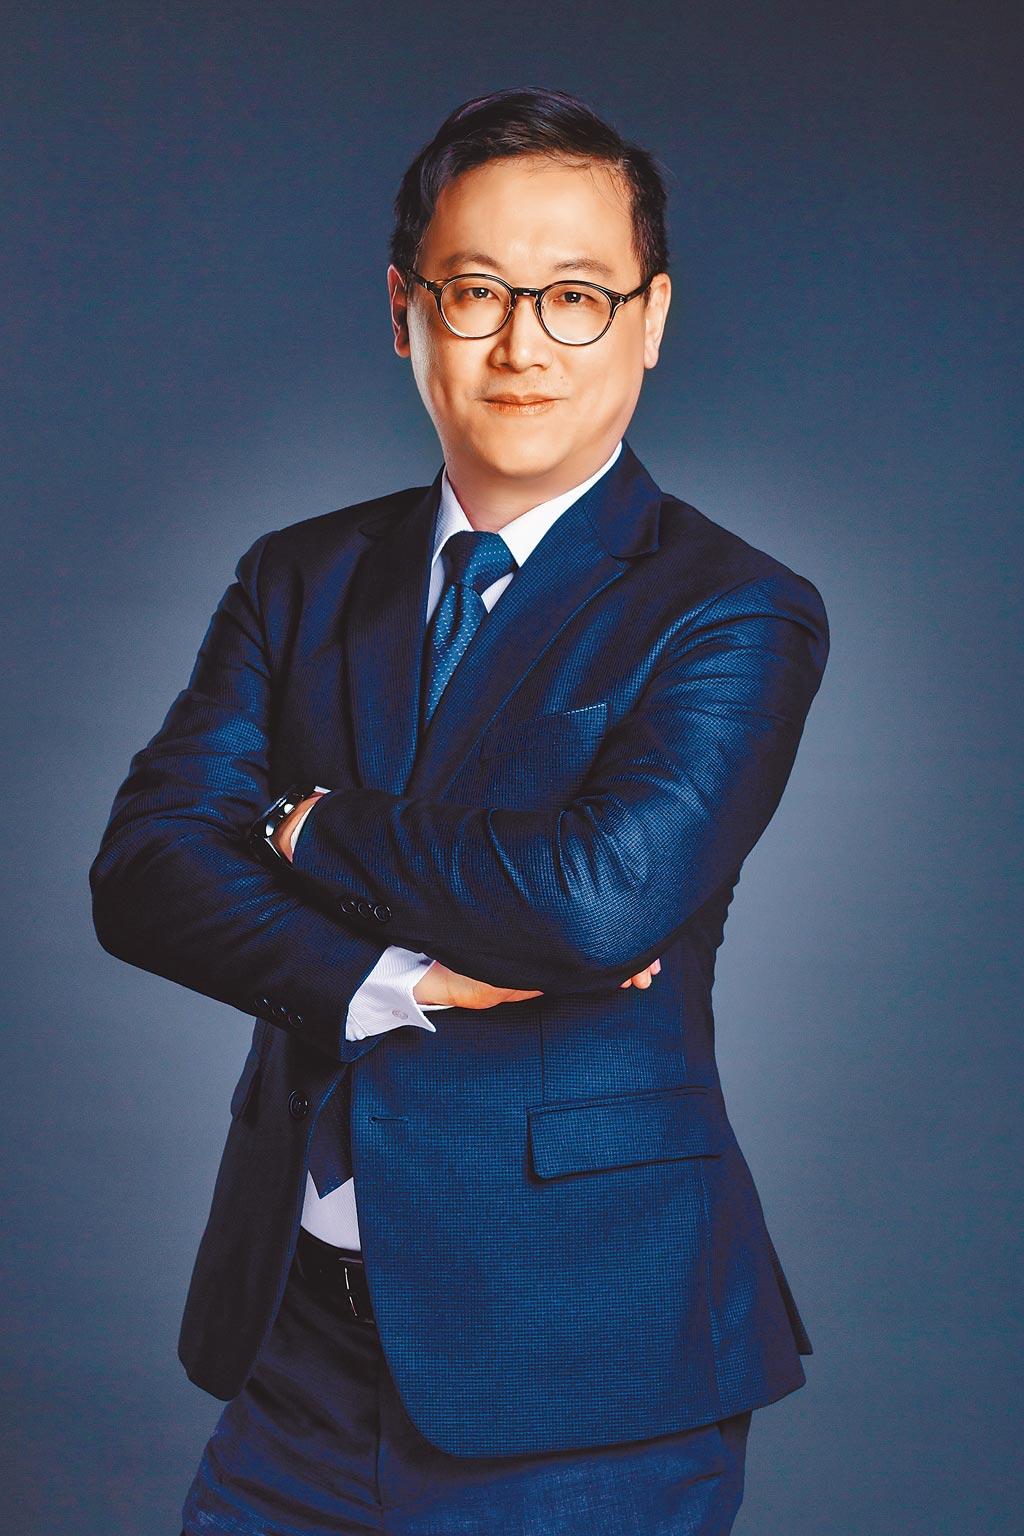 中国文化大学土地资源系兼任助理教授李尚华。(本人提供)